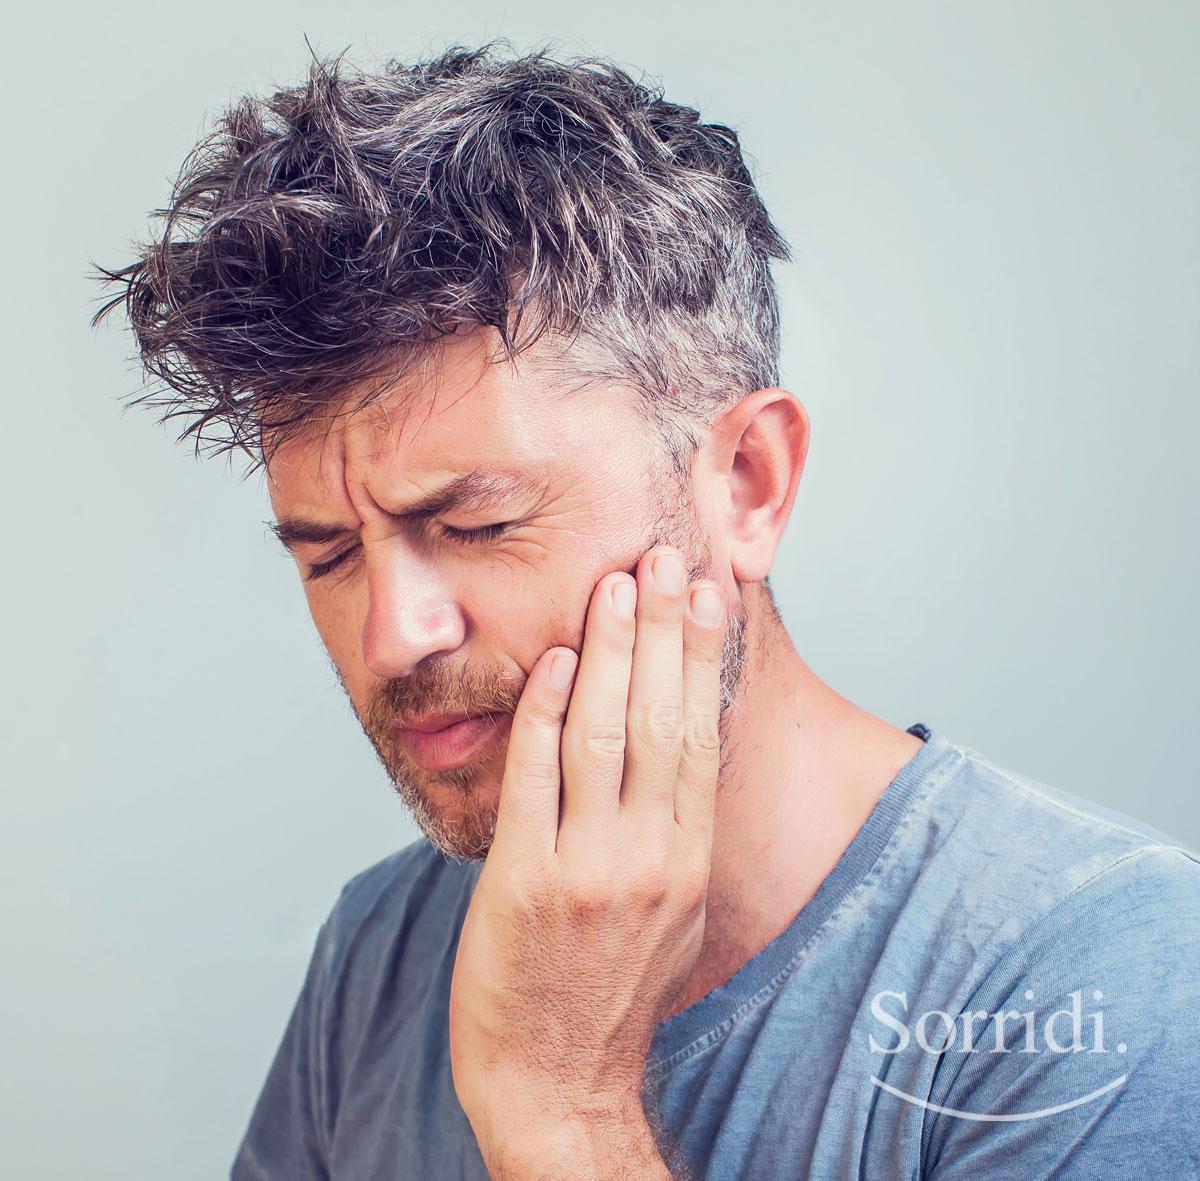 Sorridi-ch-magazine-devitalizzazione-del-dente-quando-e-necessaria